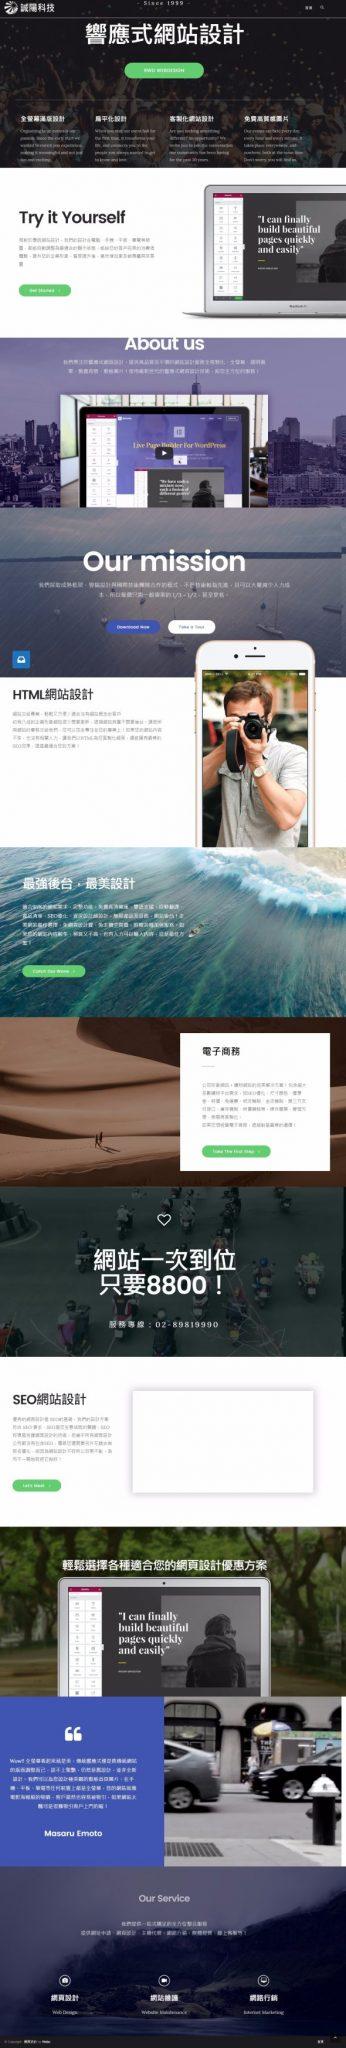 網頁設計-風格18-1